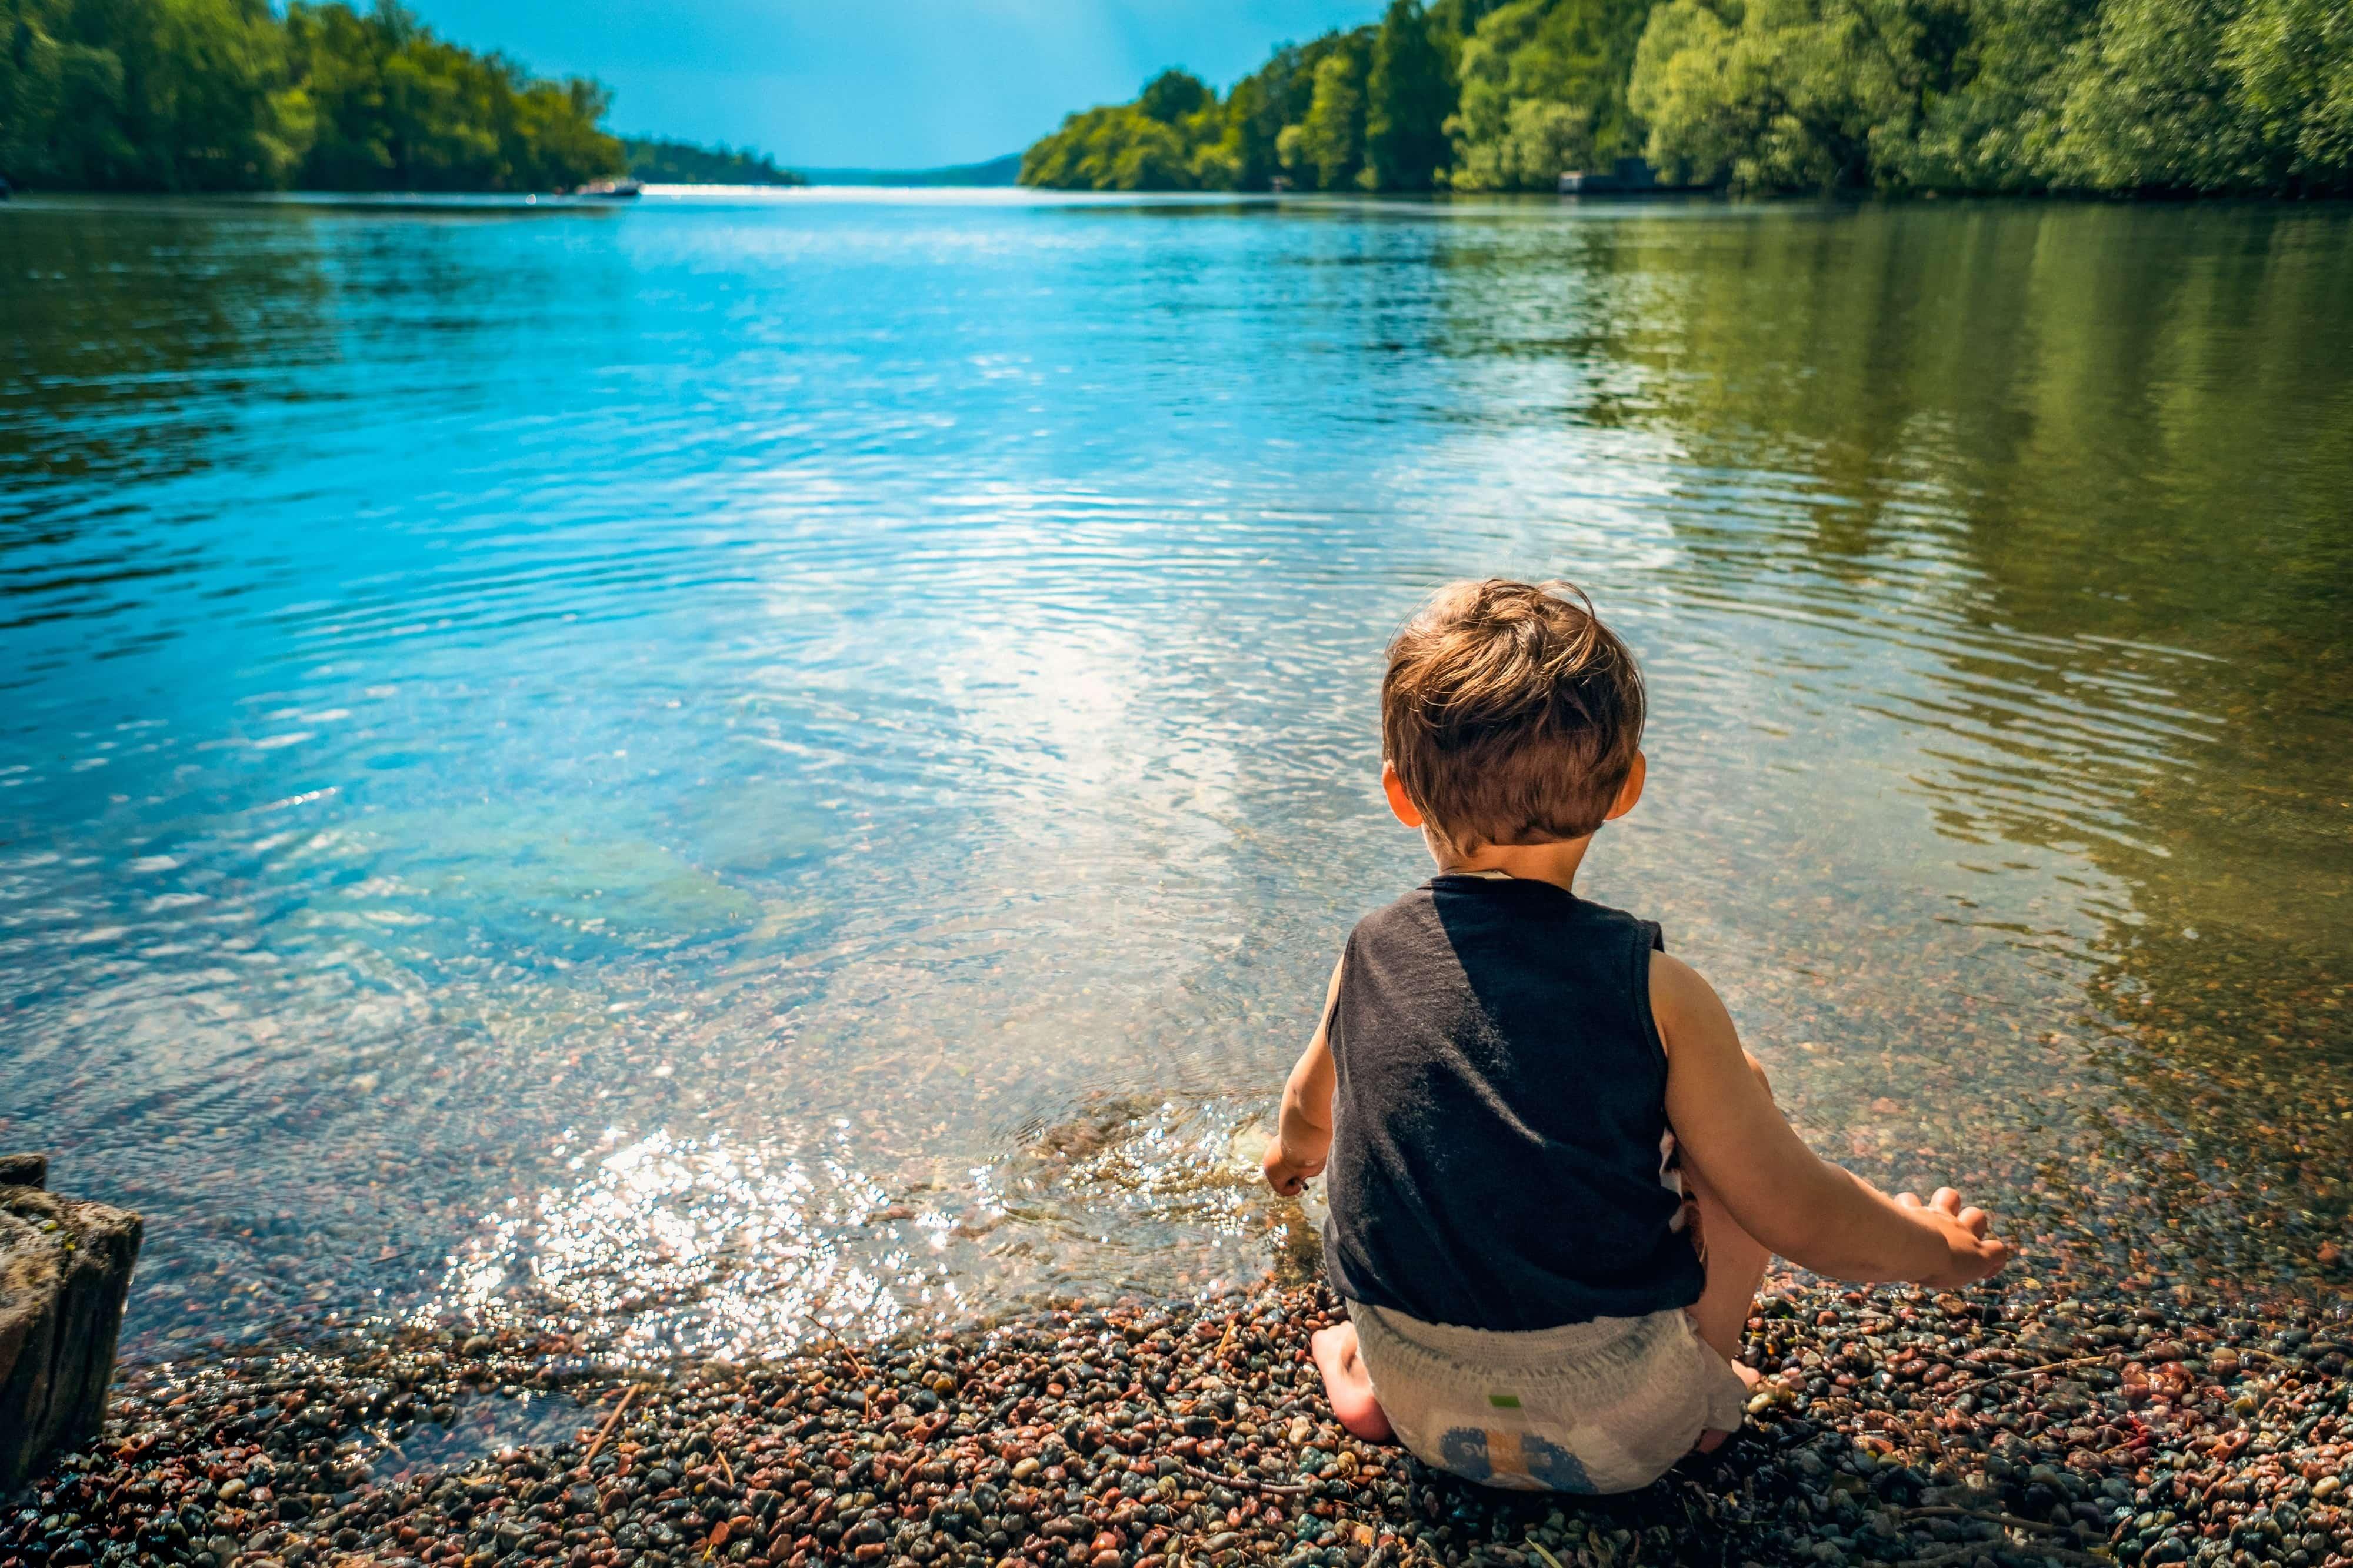 川べりに座る男の子